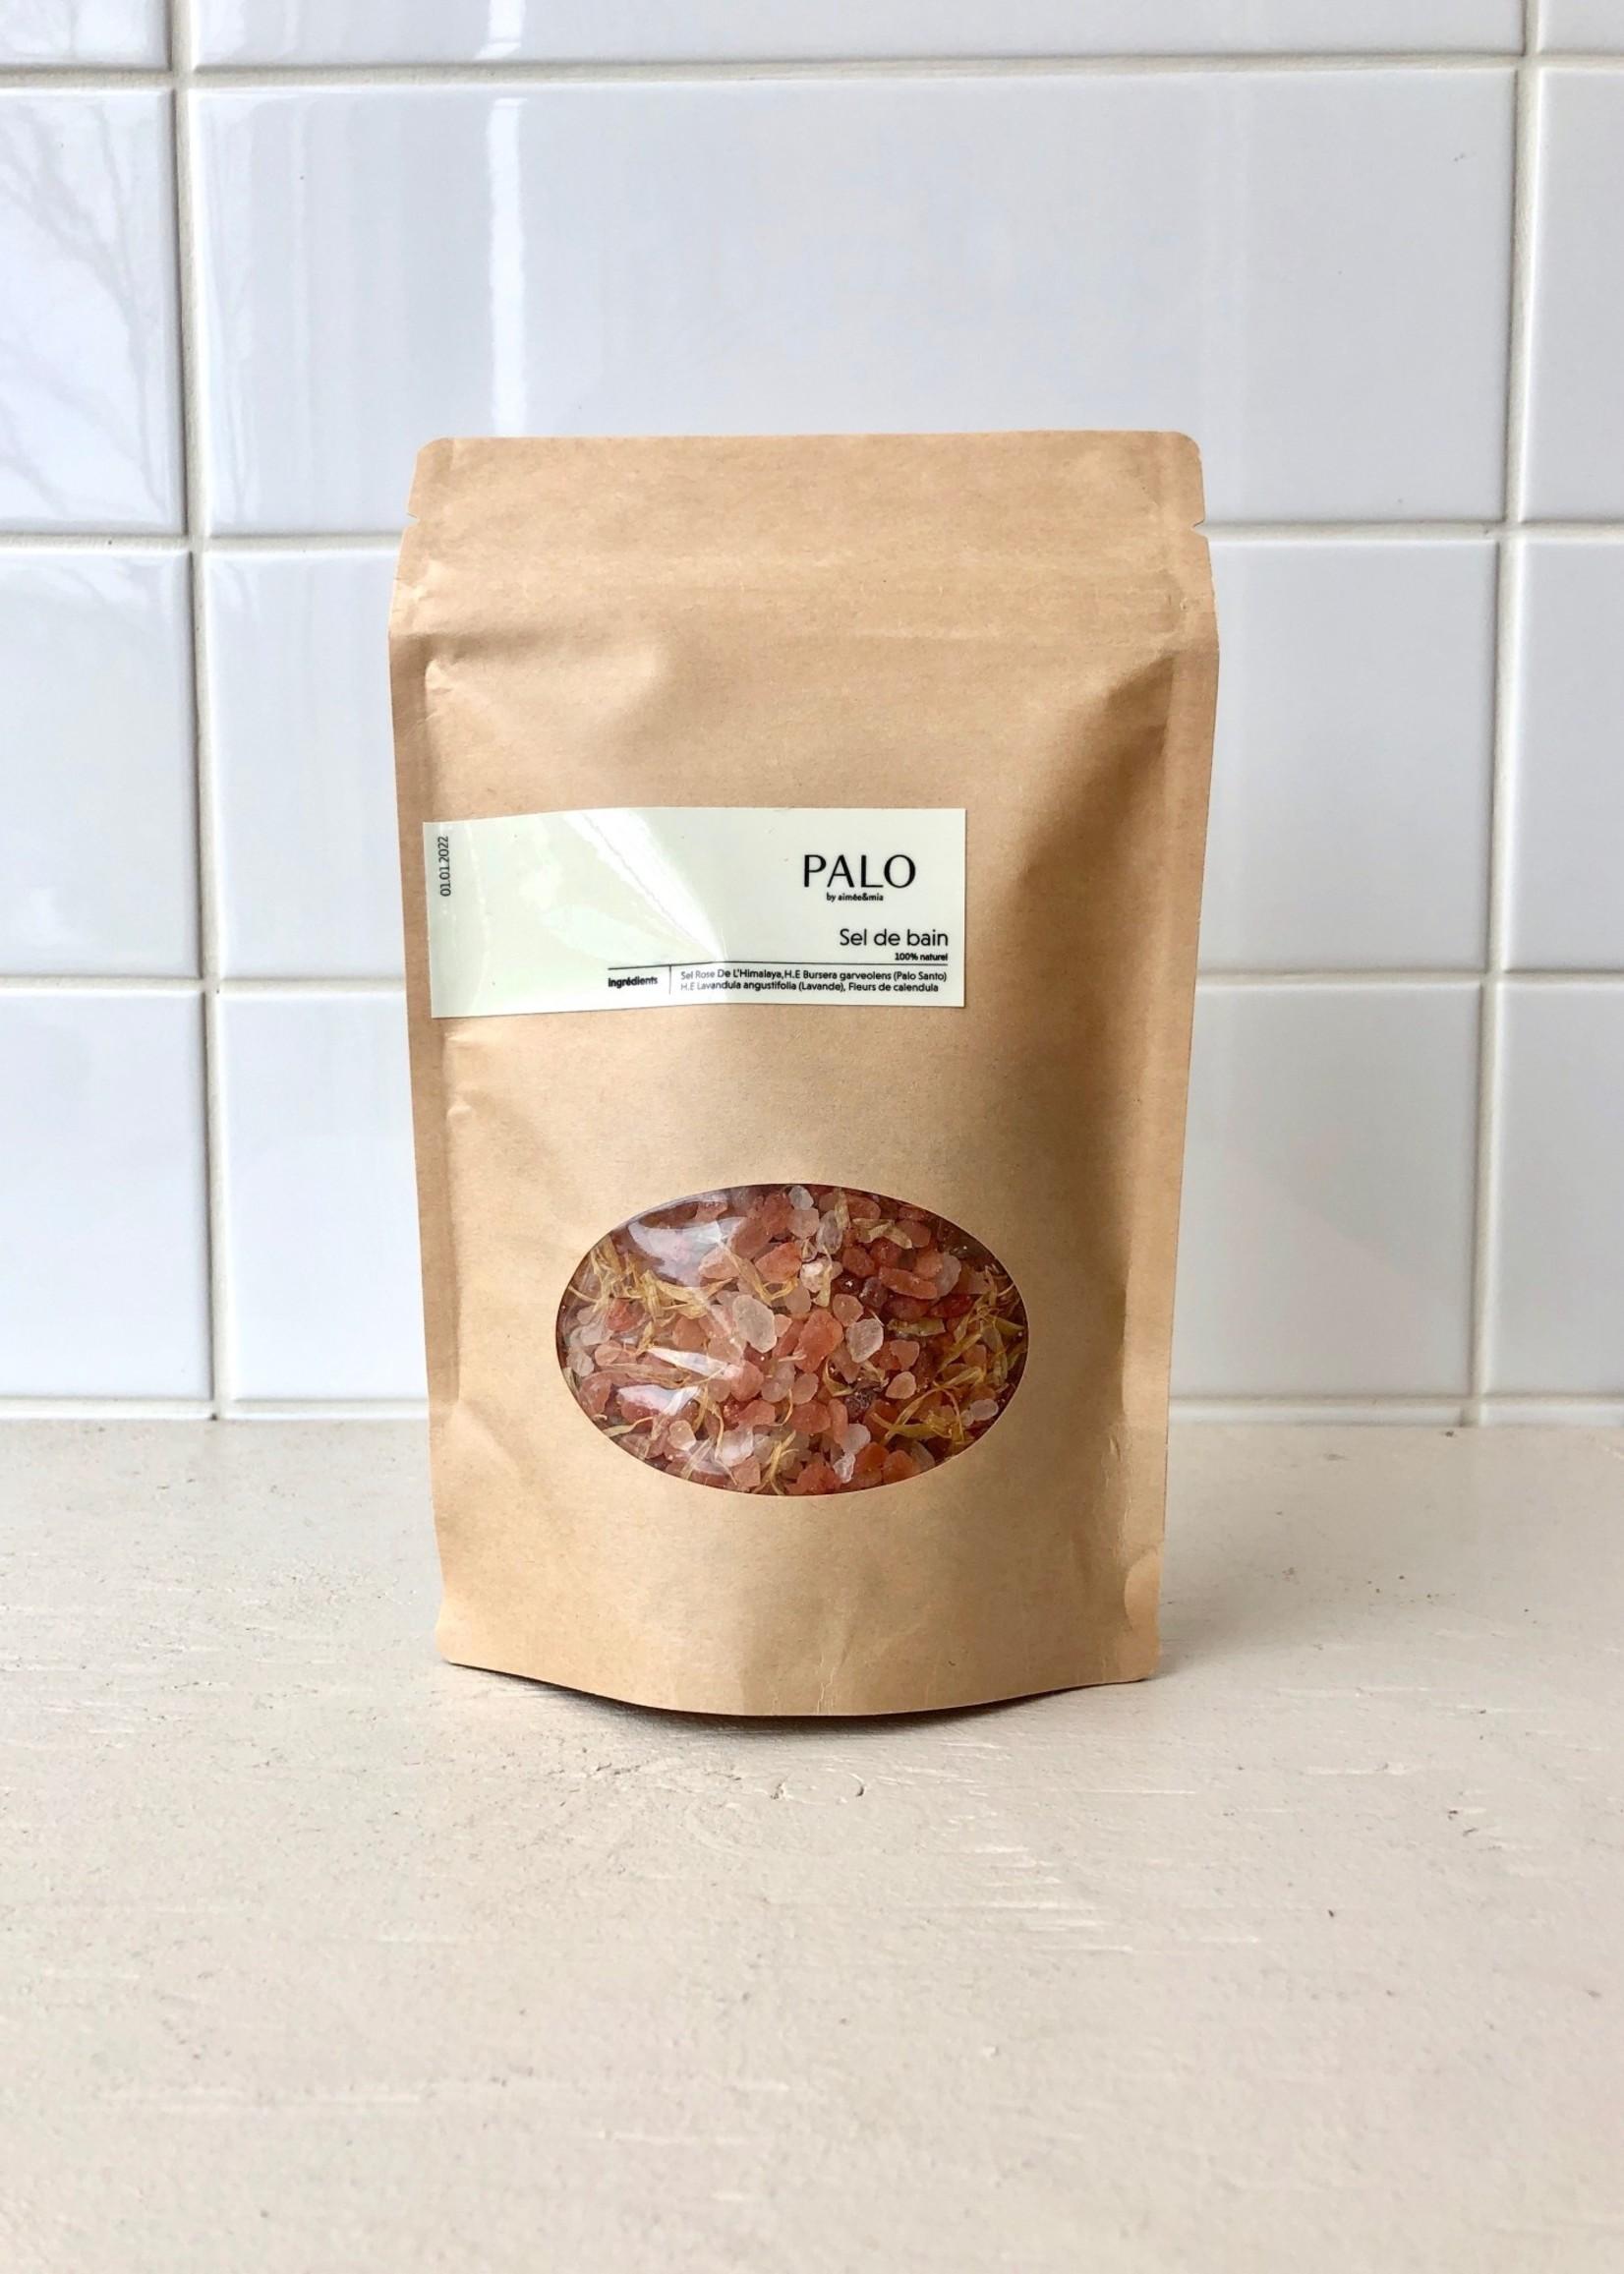 Palo by Aimee & Mia Bath Salt by Palo